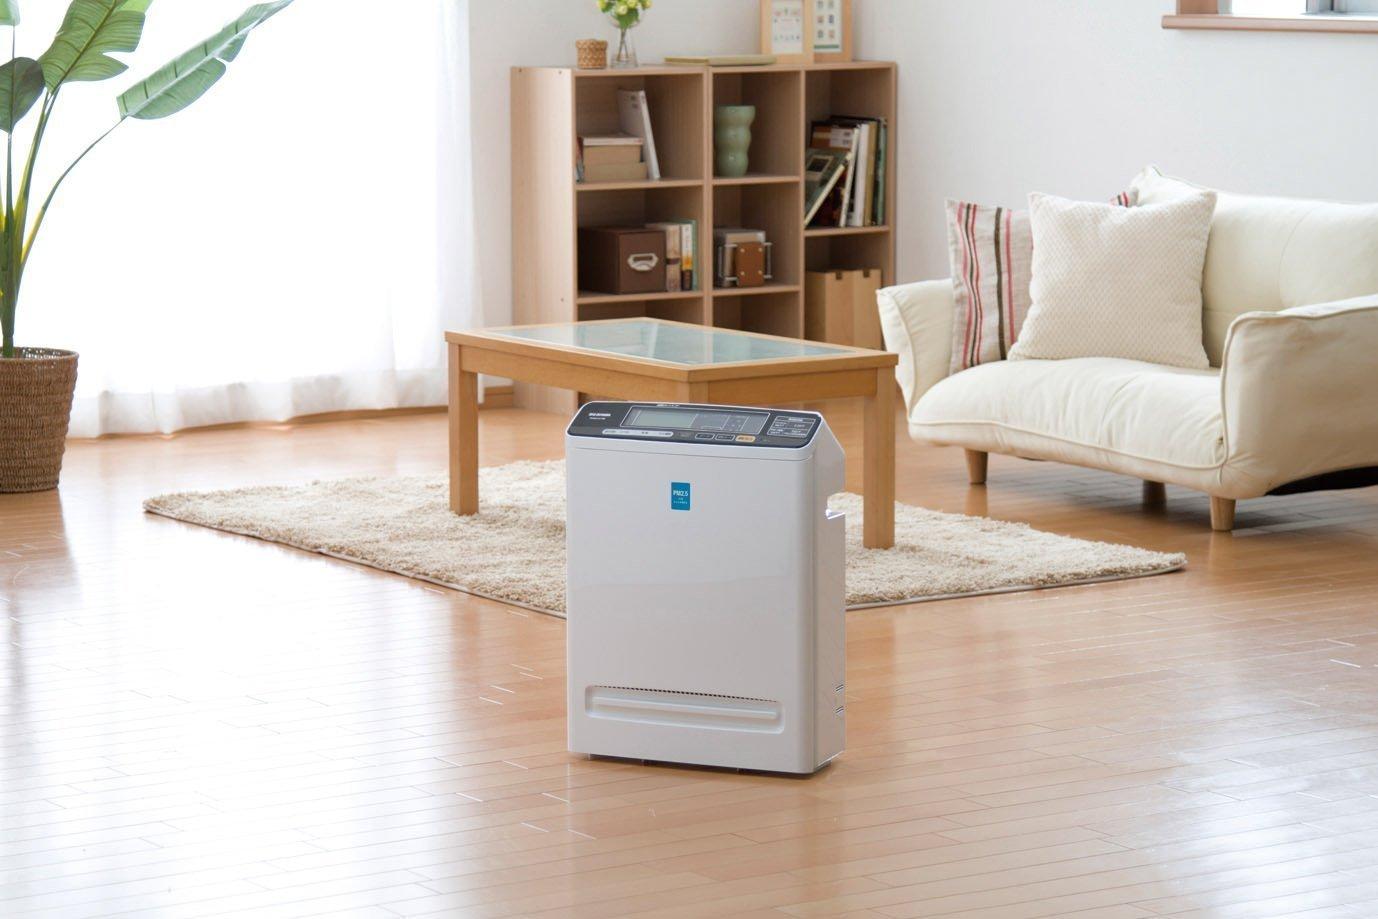 アイリスオーヤマ PM2.5 対応空気清浄機 寄附金額 50,000円・還元率38%  (静岡県小山町)